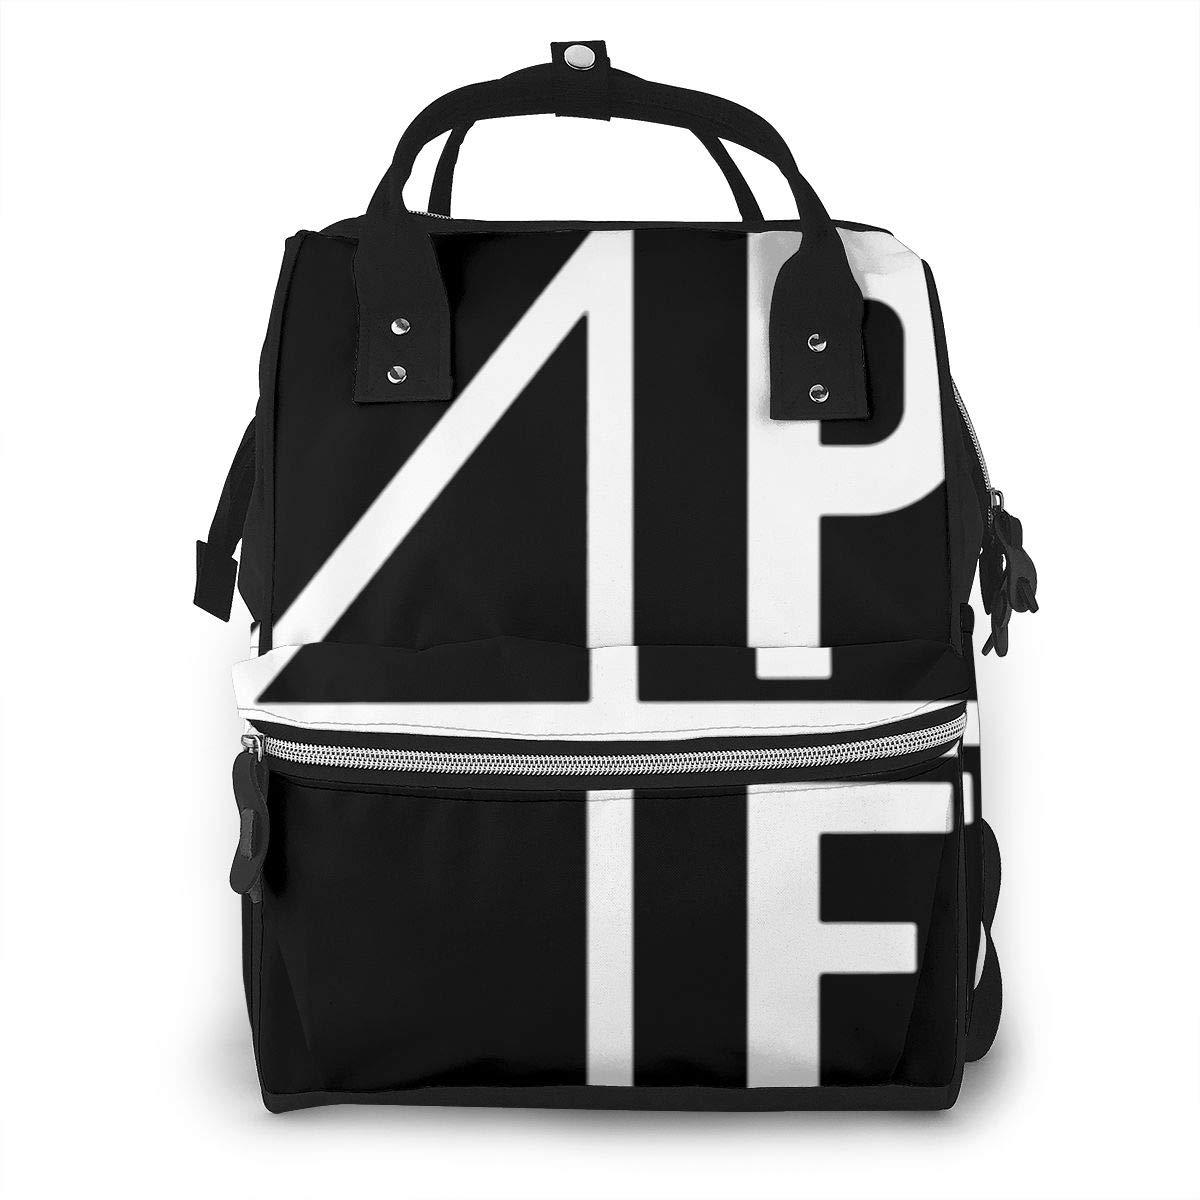 4pf Durable, Large Capacity, Stylish, Adjustable Strap Length Mummy Backpack